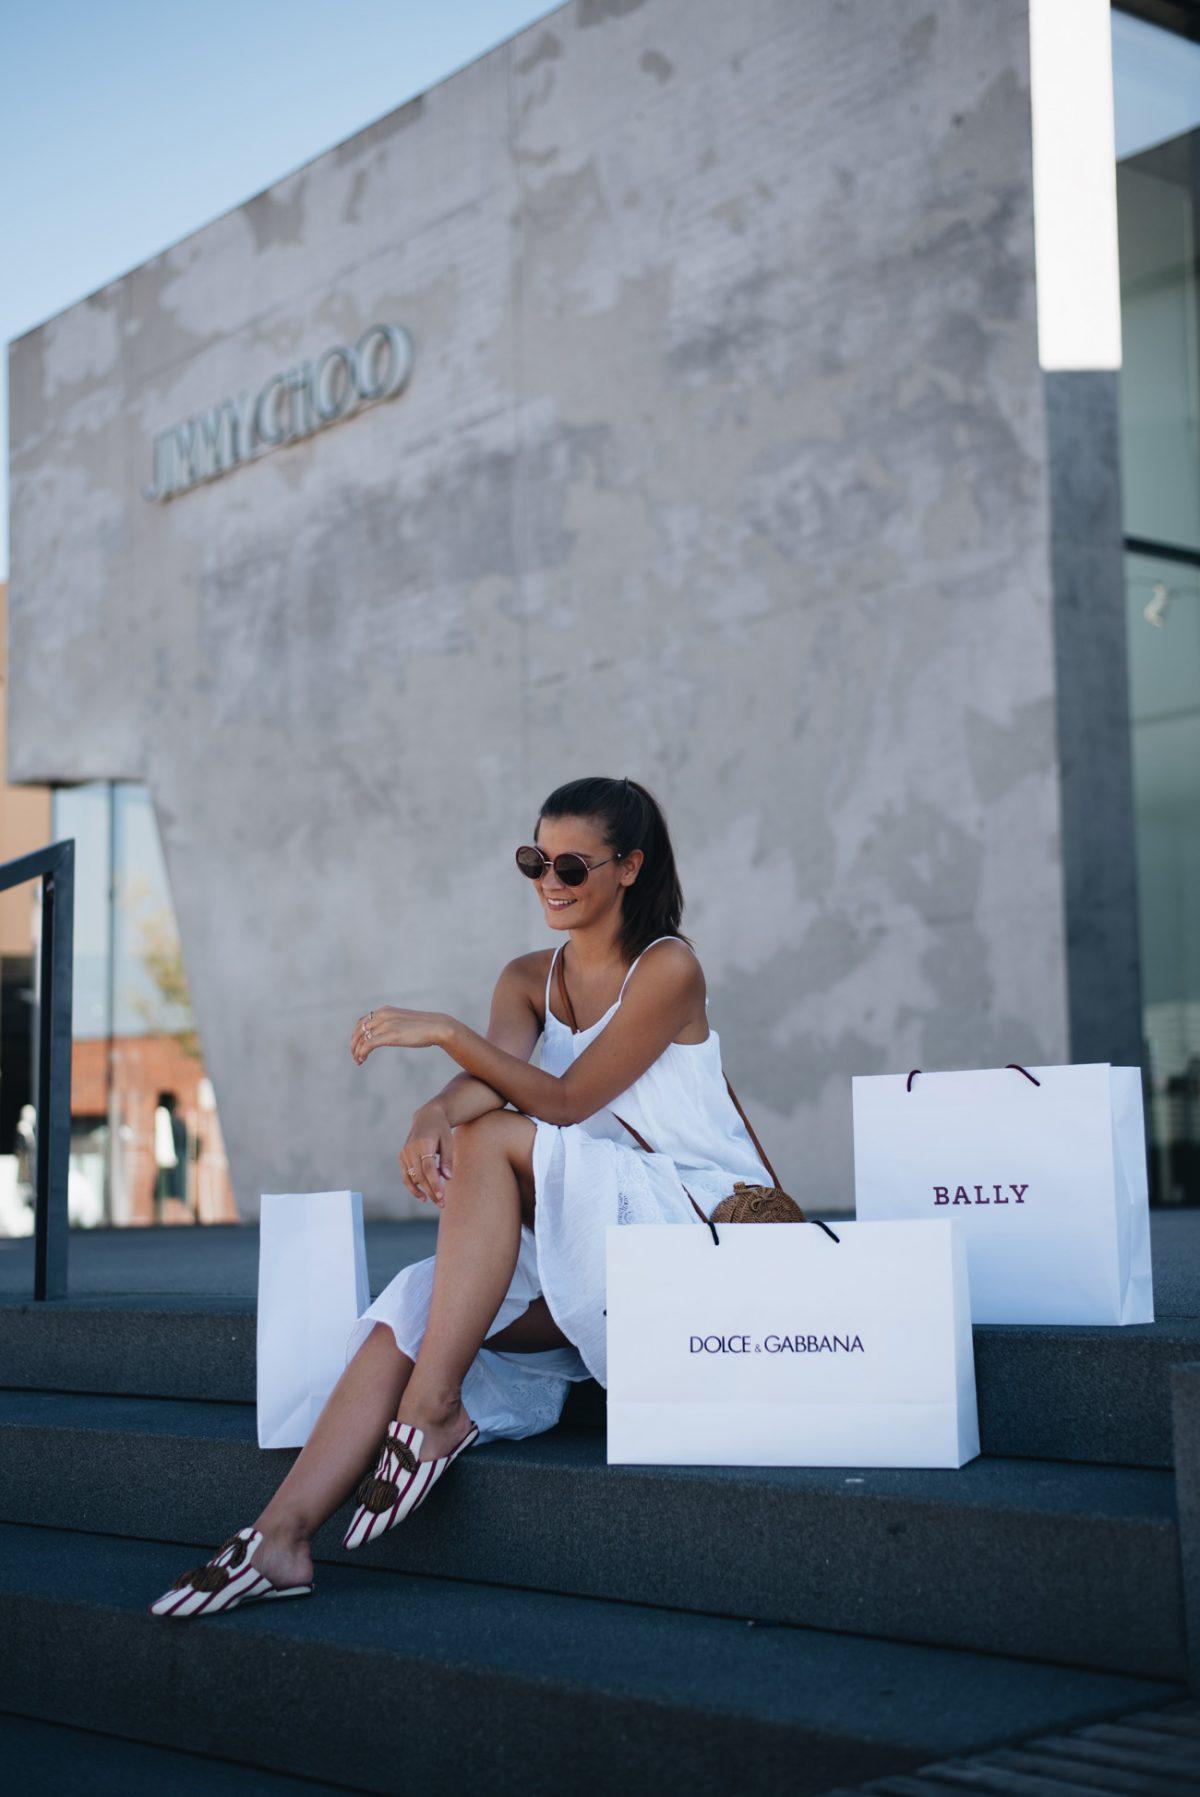 It's Sale Time: Meine Tipps, um im Schlussverkauf die besten Deals zu machen